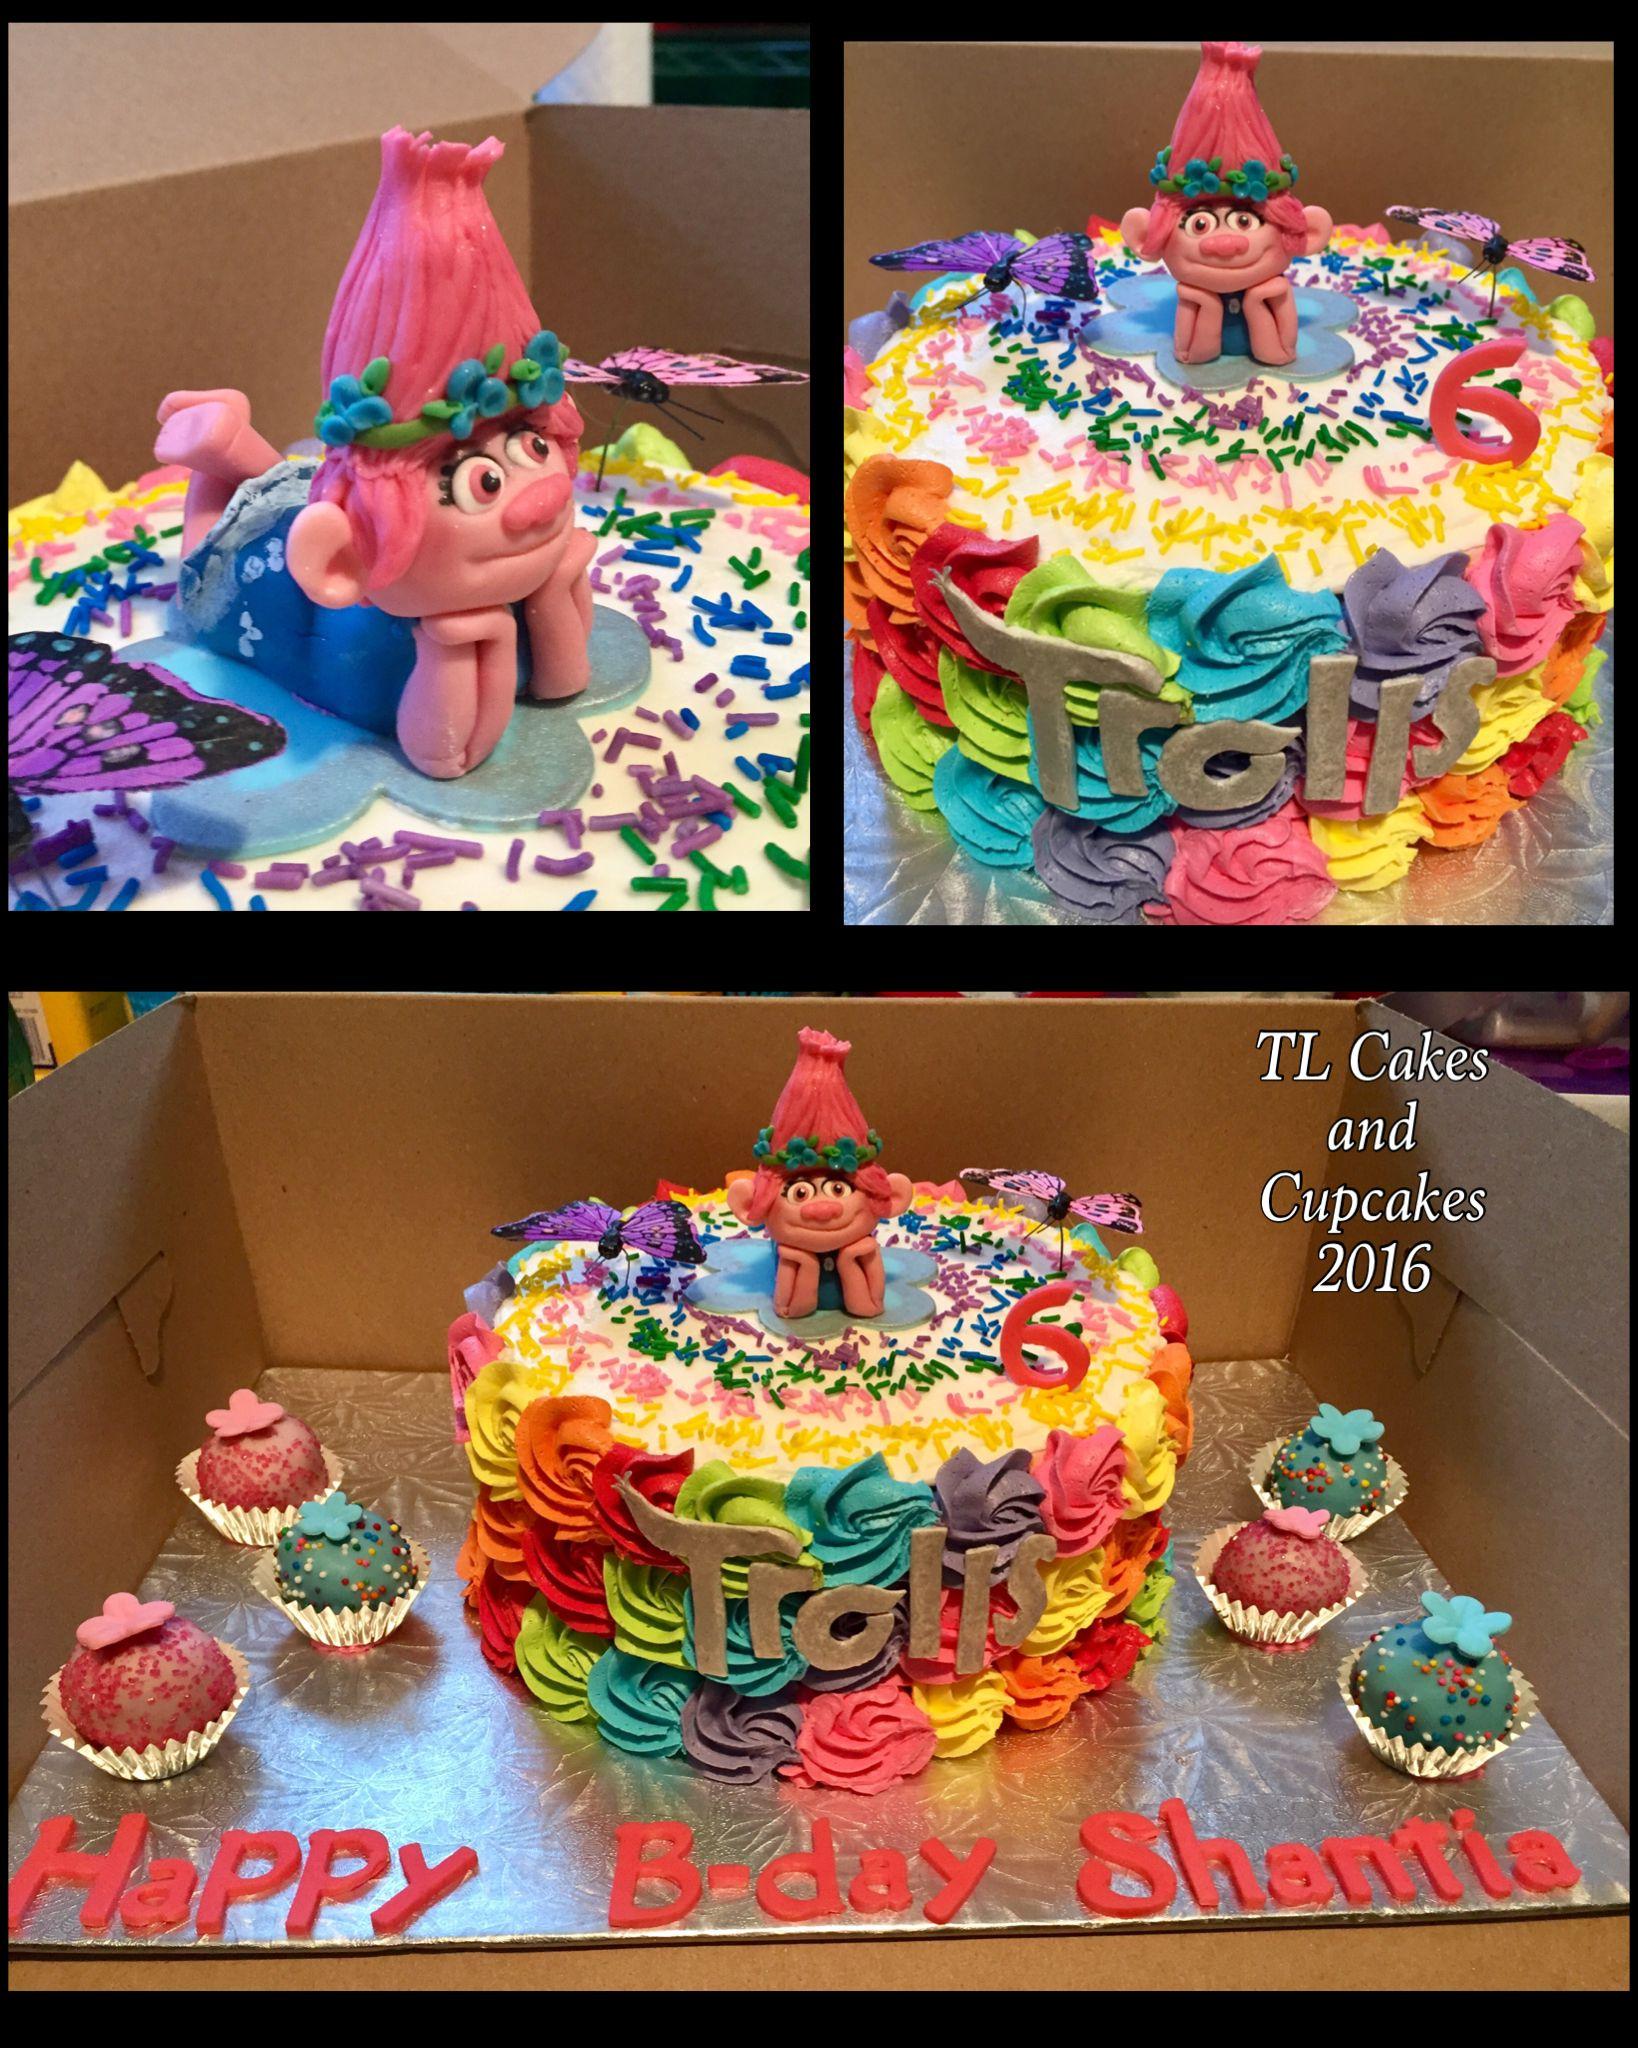 Cake Design Trolls : Dreamworks inspired Trolls cake (poppy) TL Cakes and ...